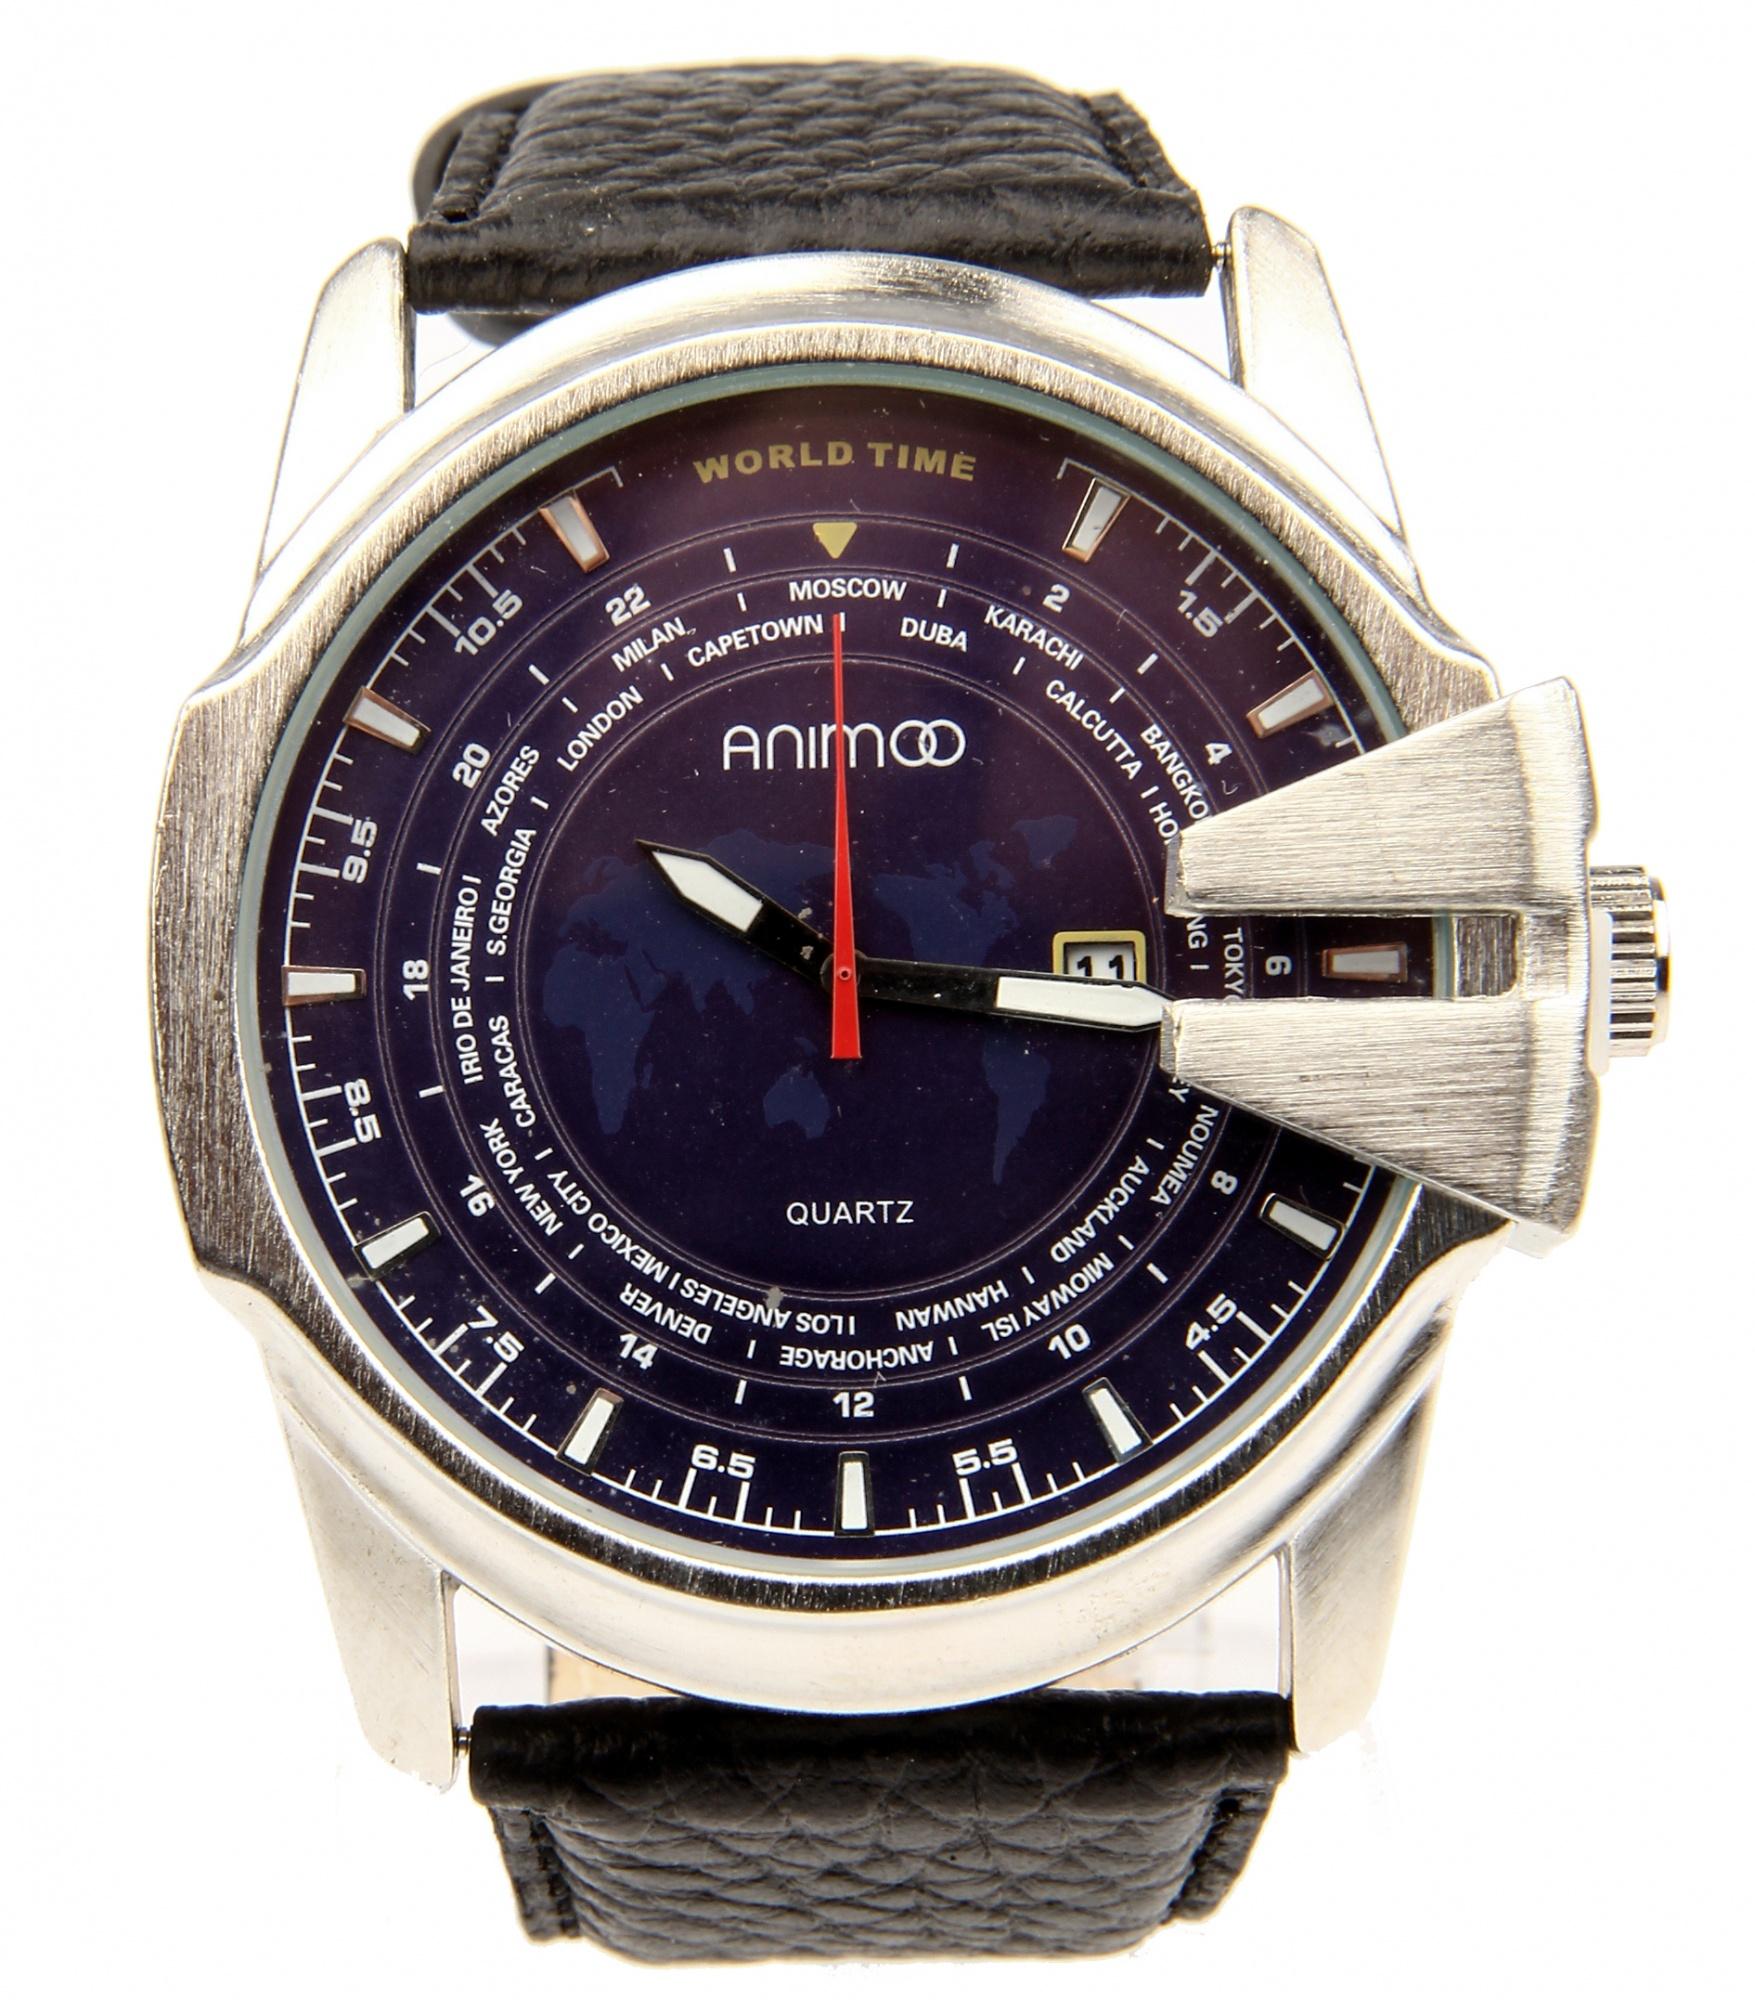 ANIMOO G 400345-6